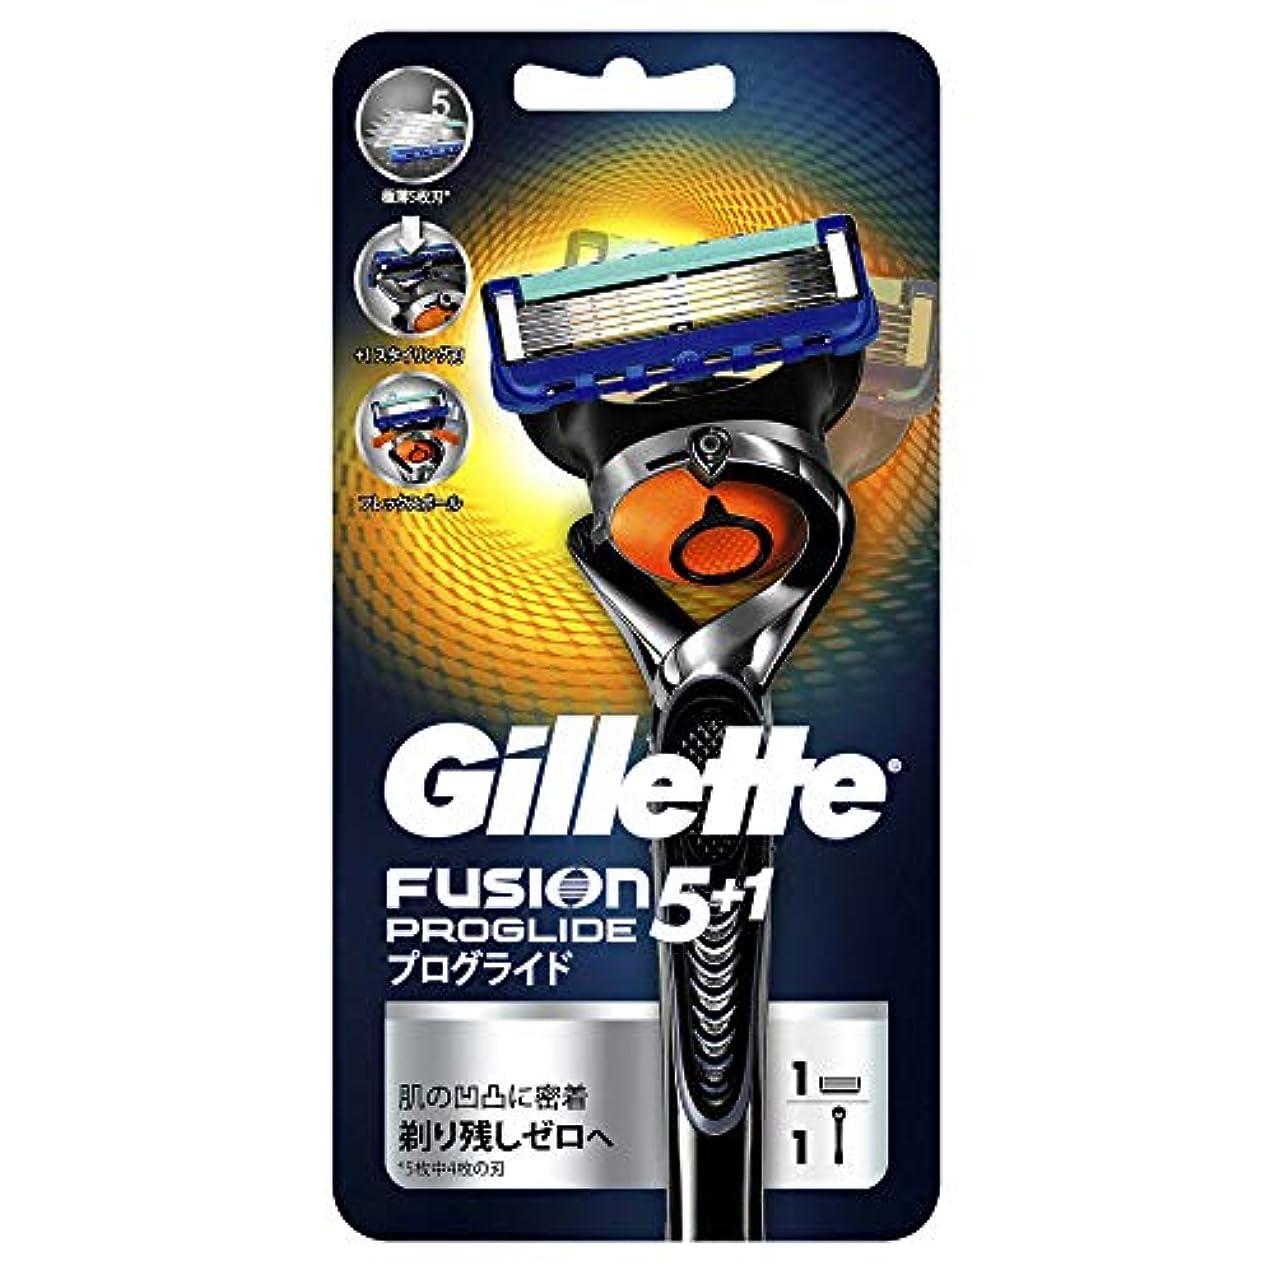 摩擦ミスペンド広告ジレット プログライド フレックスボール マニュアル 髭剃り 本体 お試しパック